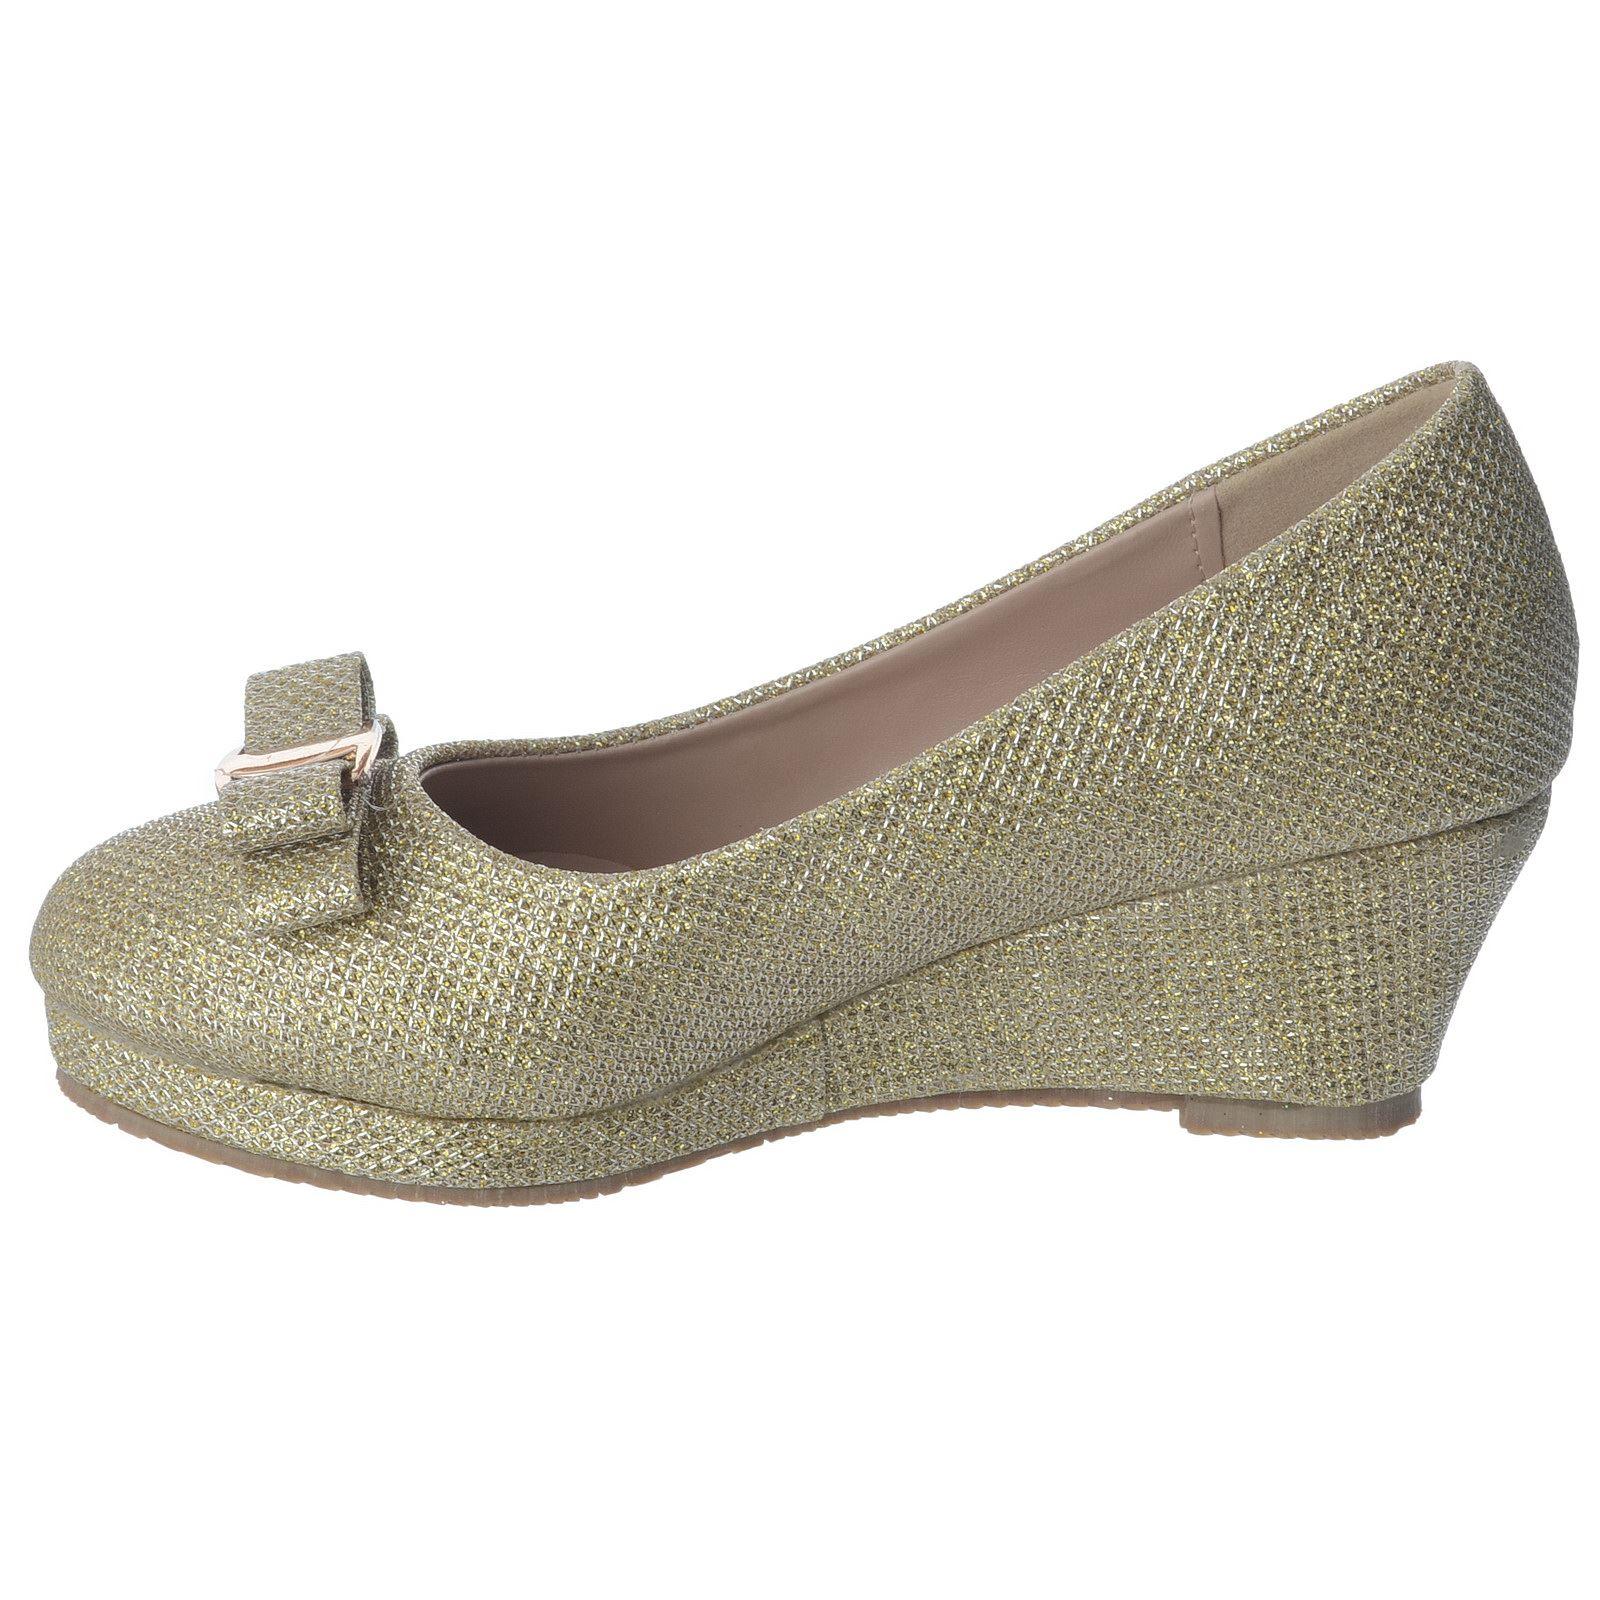 Low Heel Wedge Shoes Uk